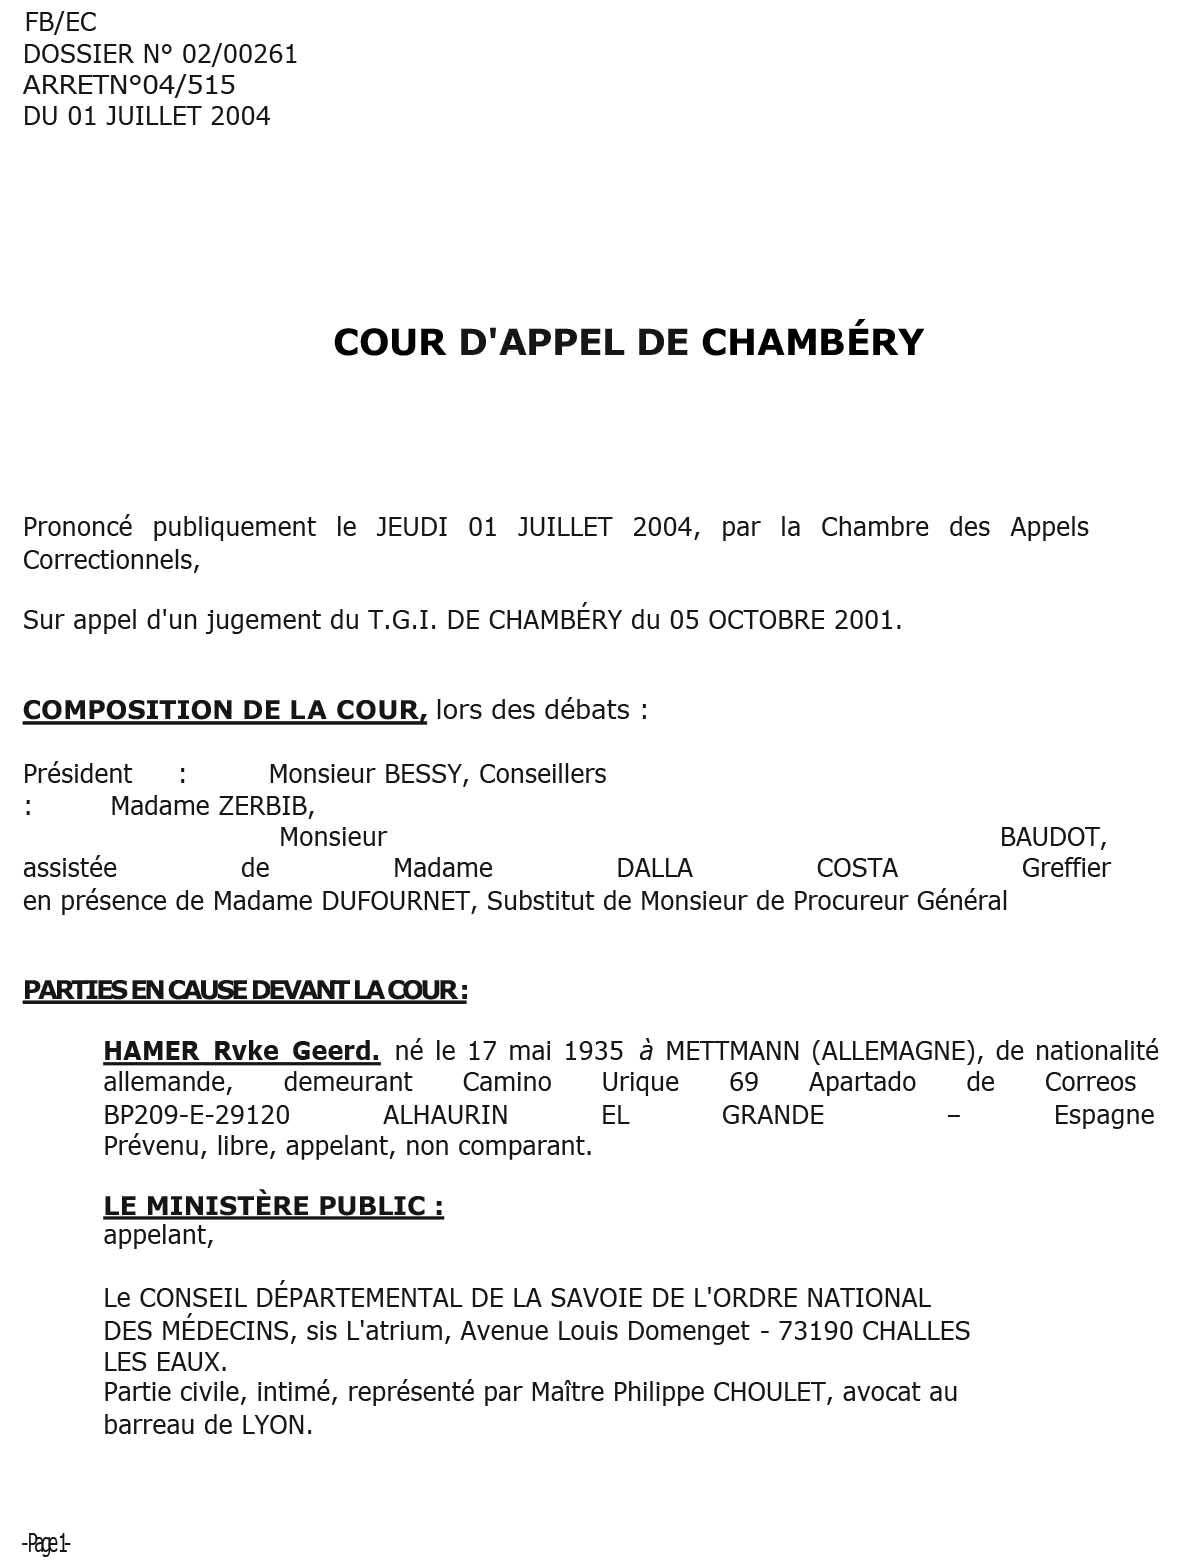 20040701 Cour d'appel de chambery - Urteil.PDF